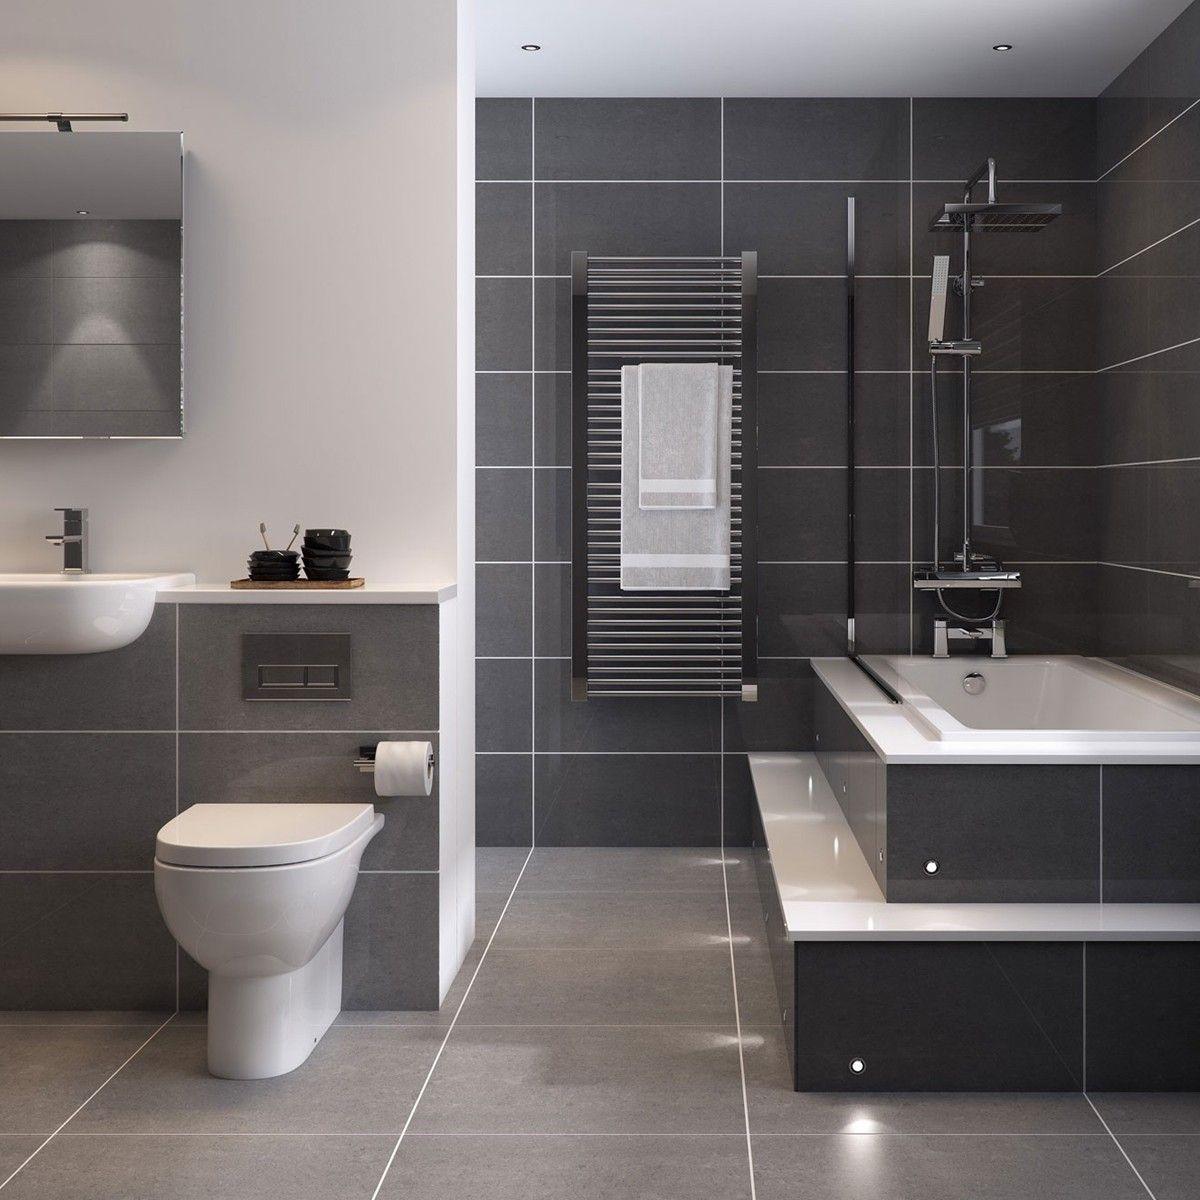 couleur sombre salle de bain carrelage gris